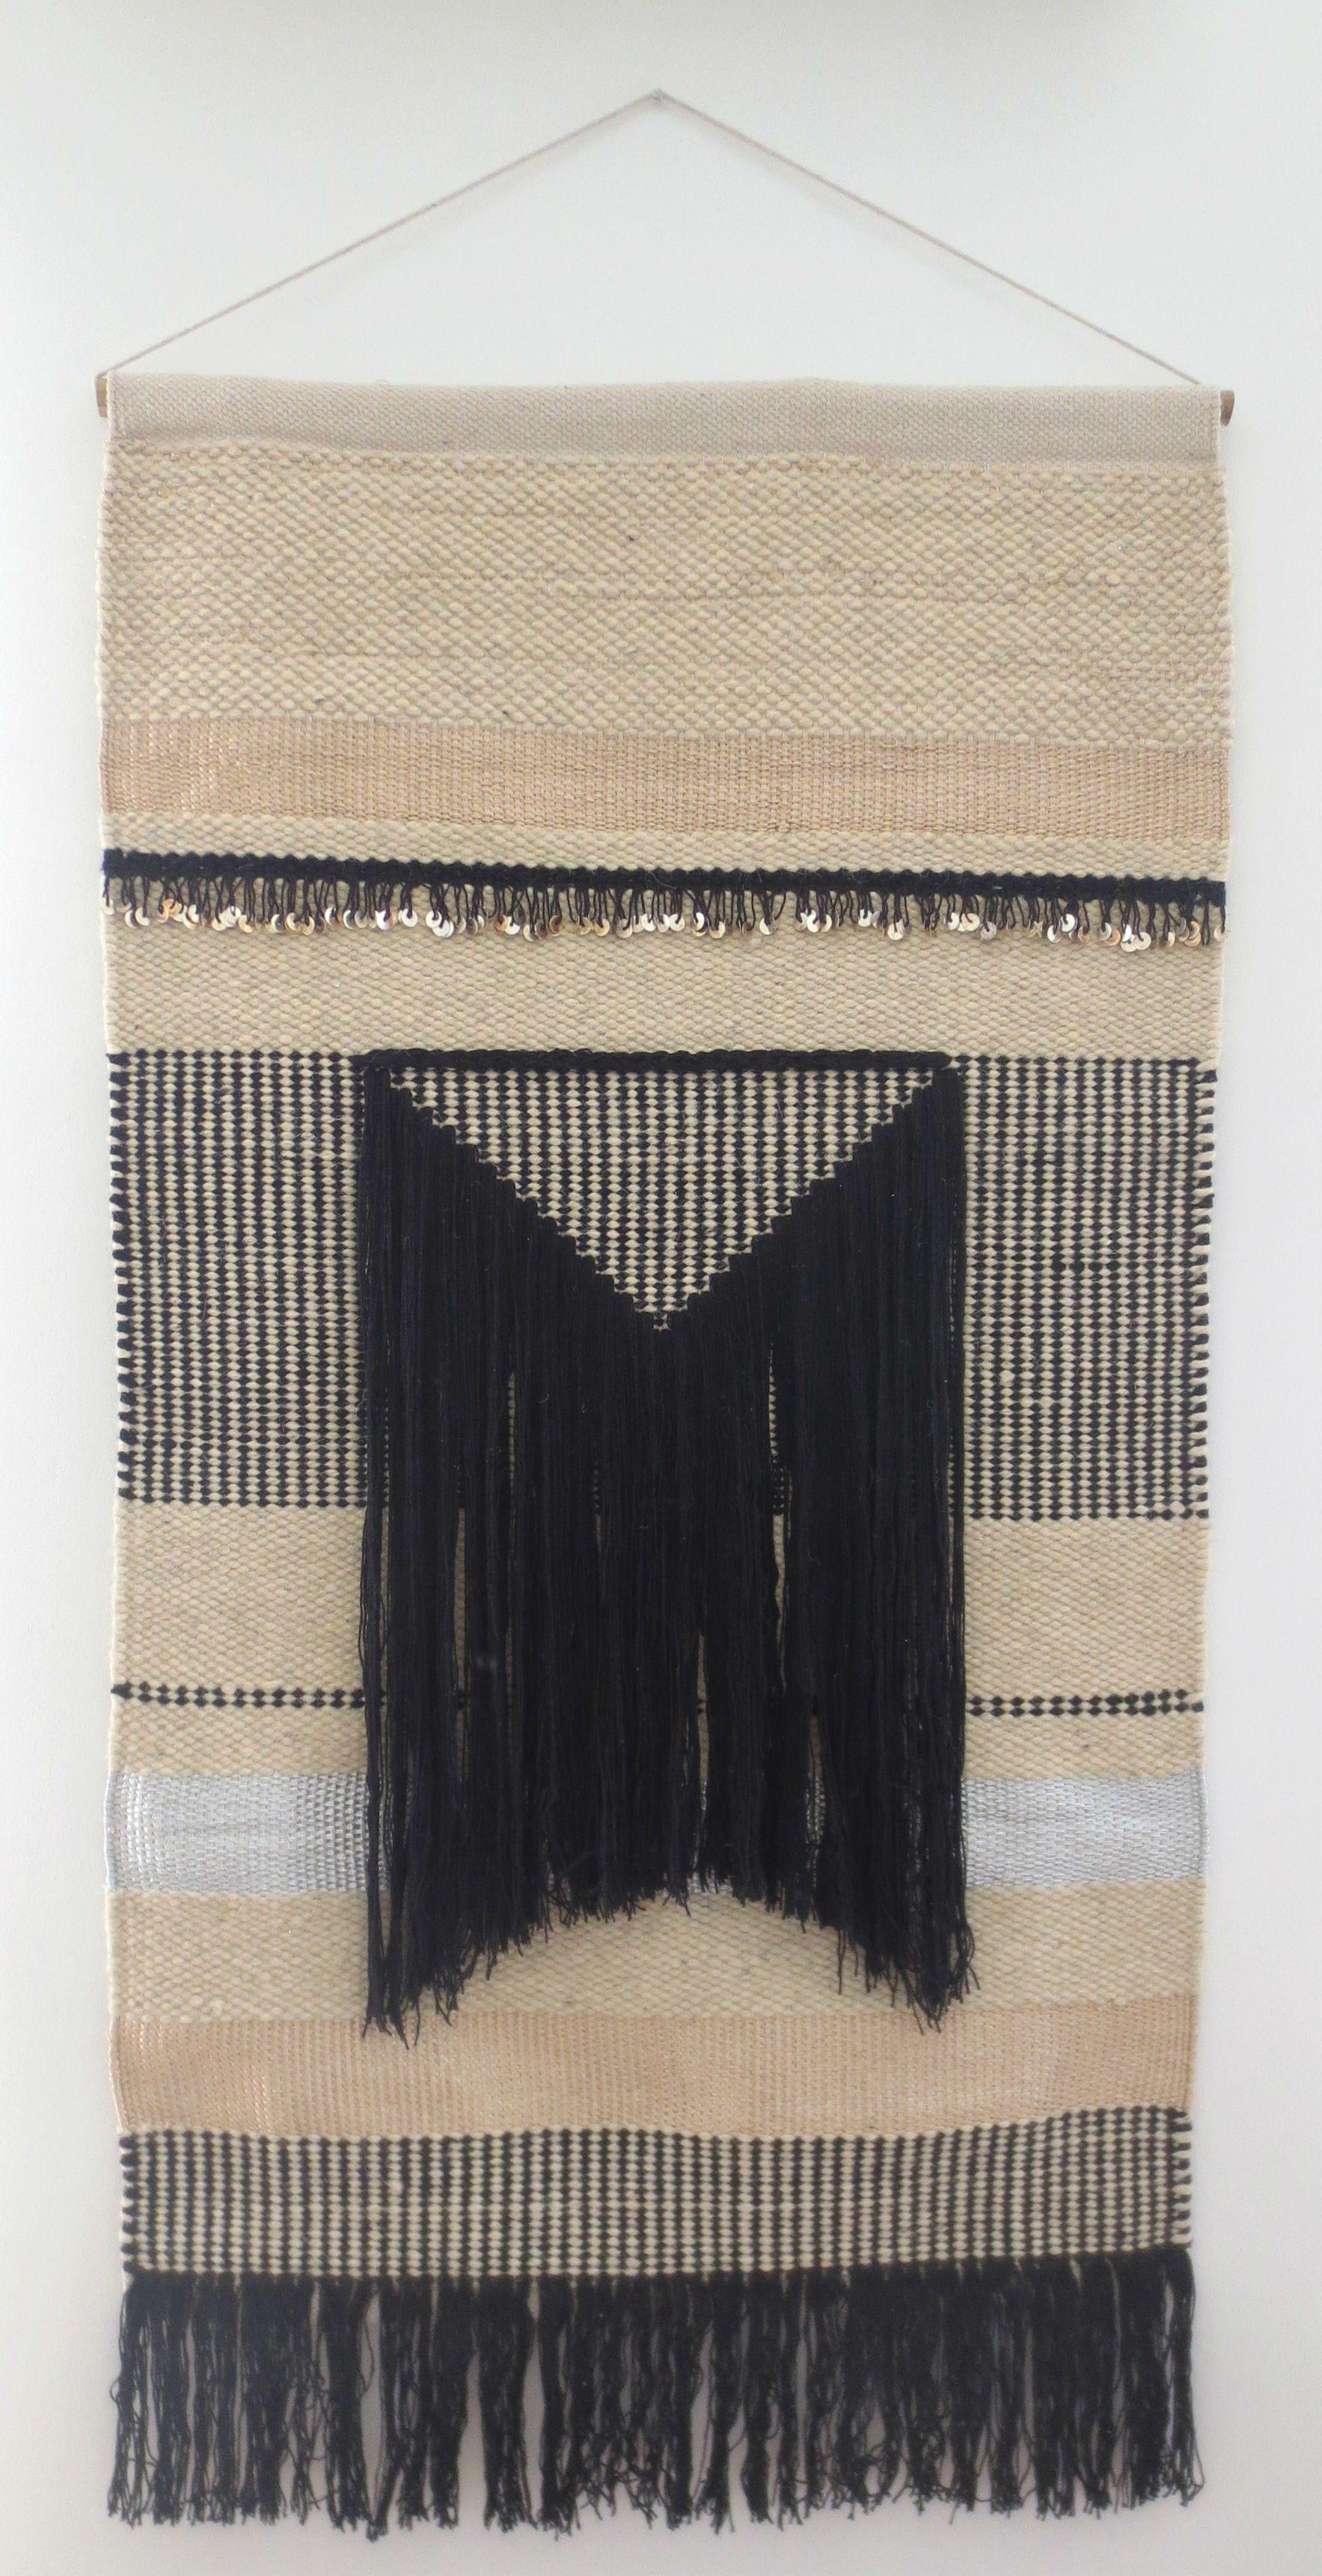 tapis mural inca m lange de laine cru et noire de fils or et argent tress s plat ainsi qu. Black Bedroom Furniture Sets. Home Design Ideas